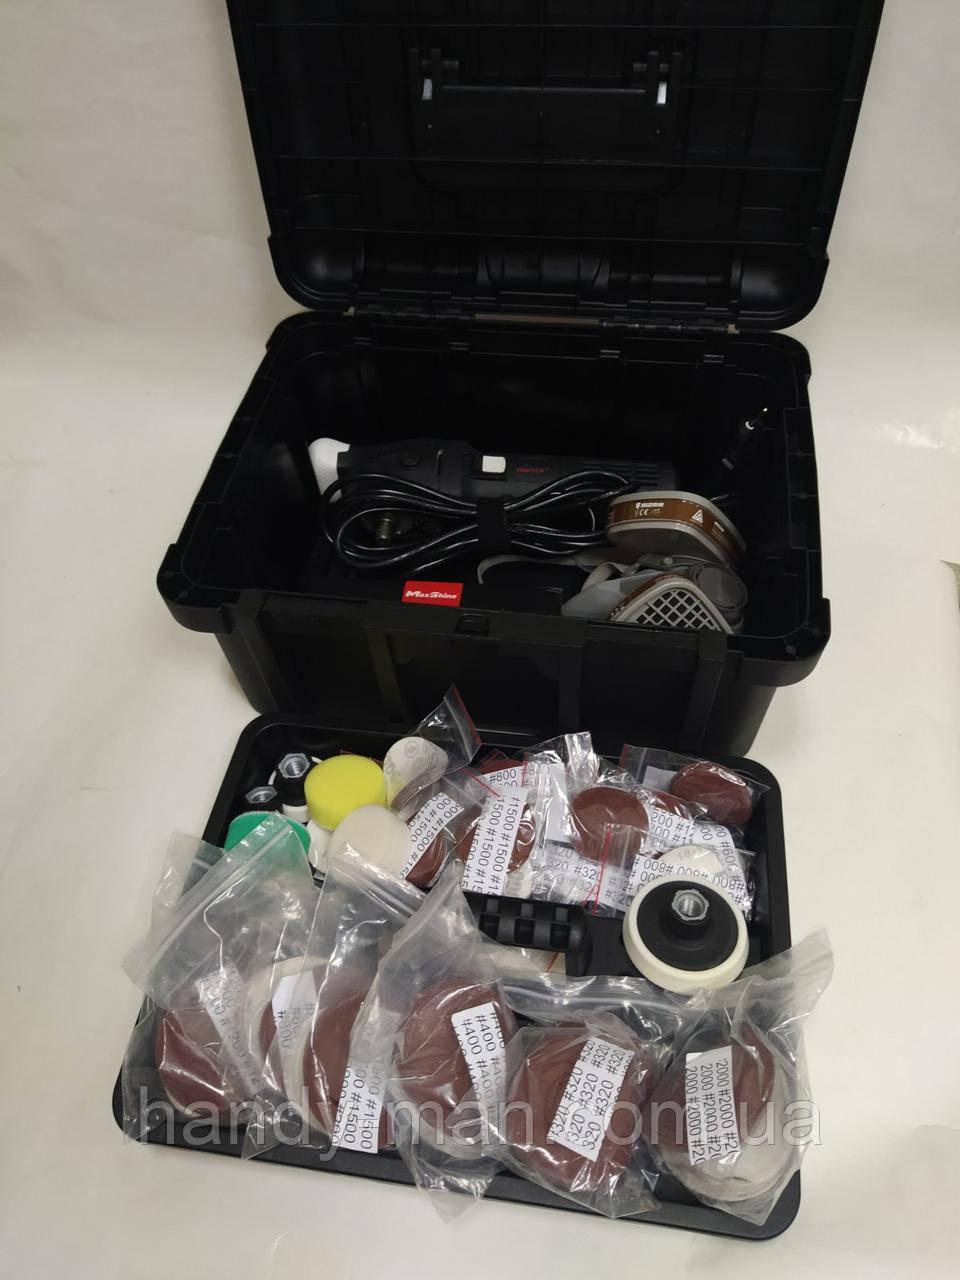 Комплект професійного обладнання та матеріалів для реставрації фар